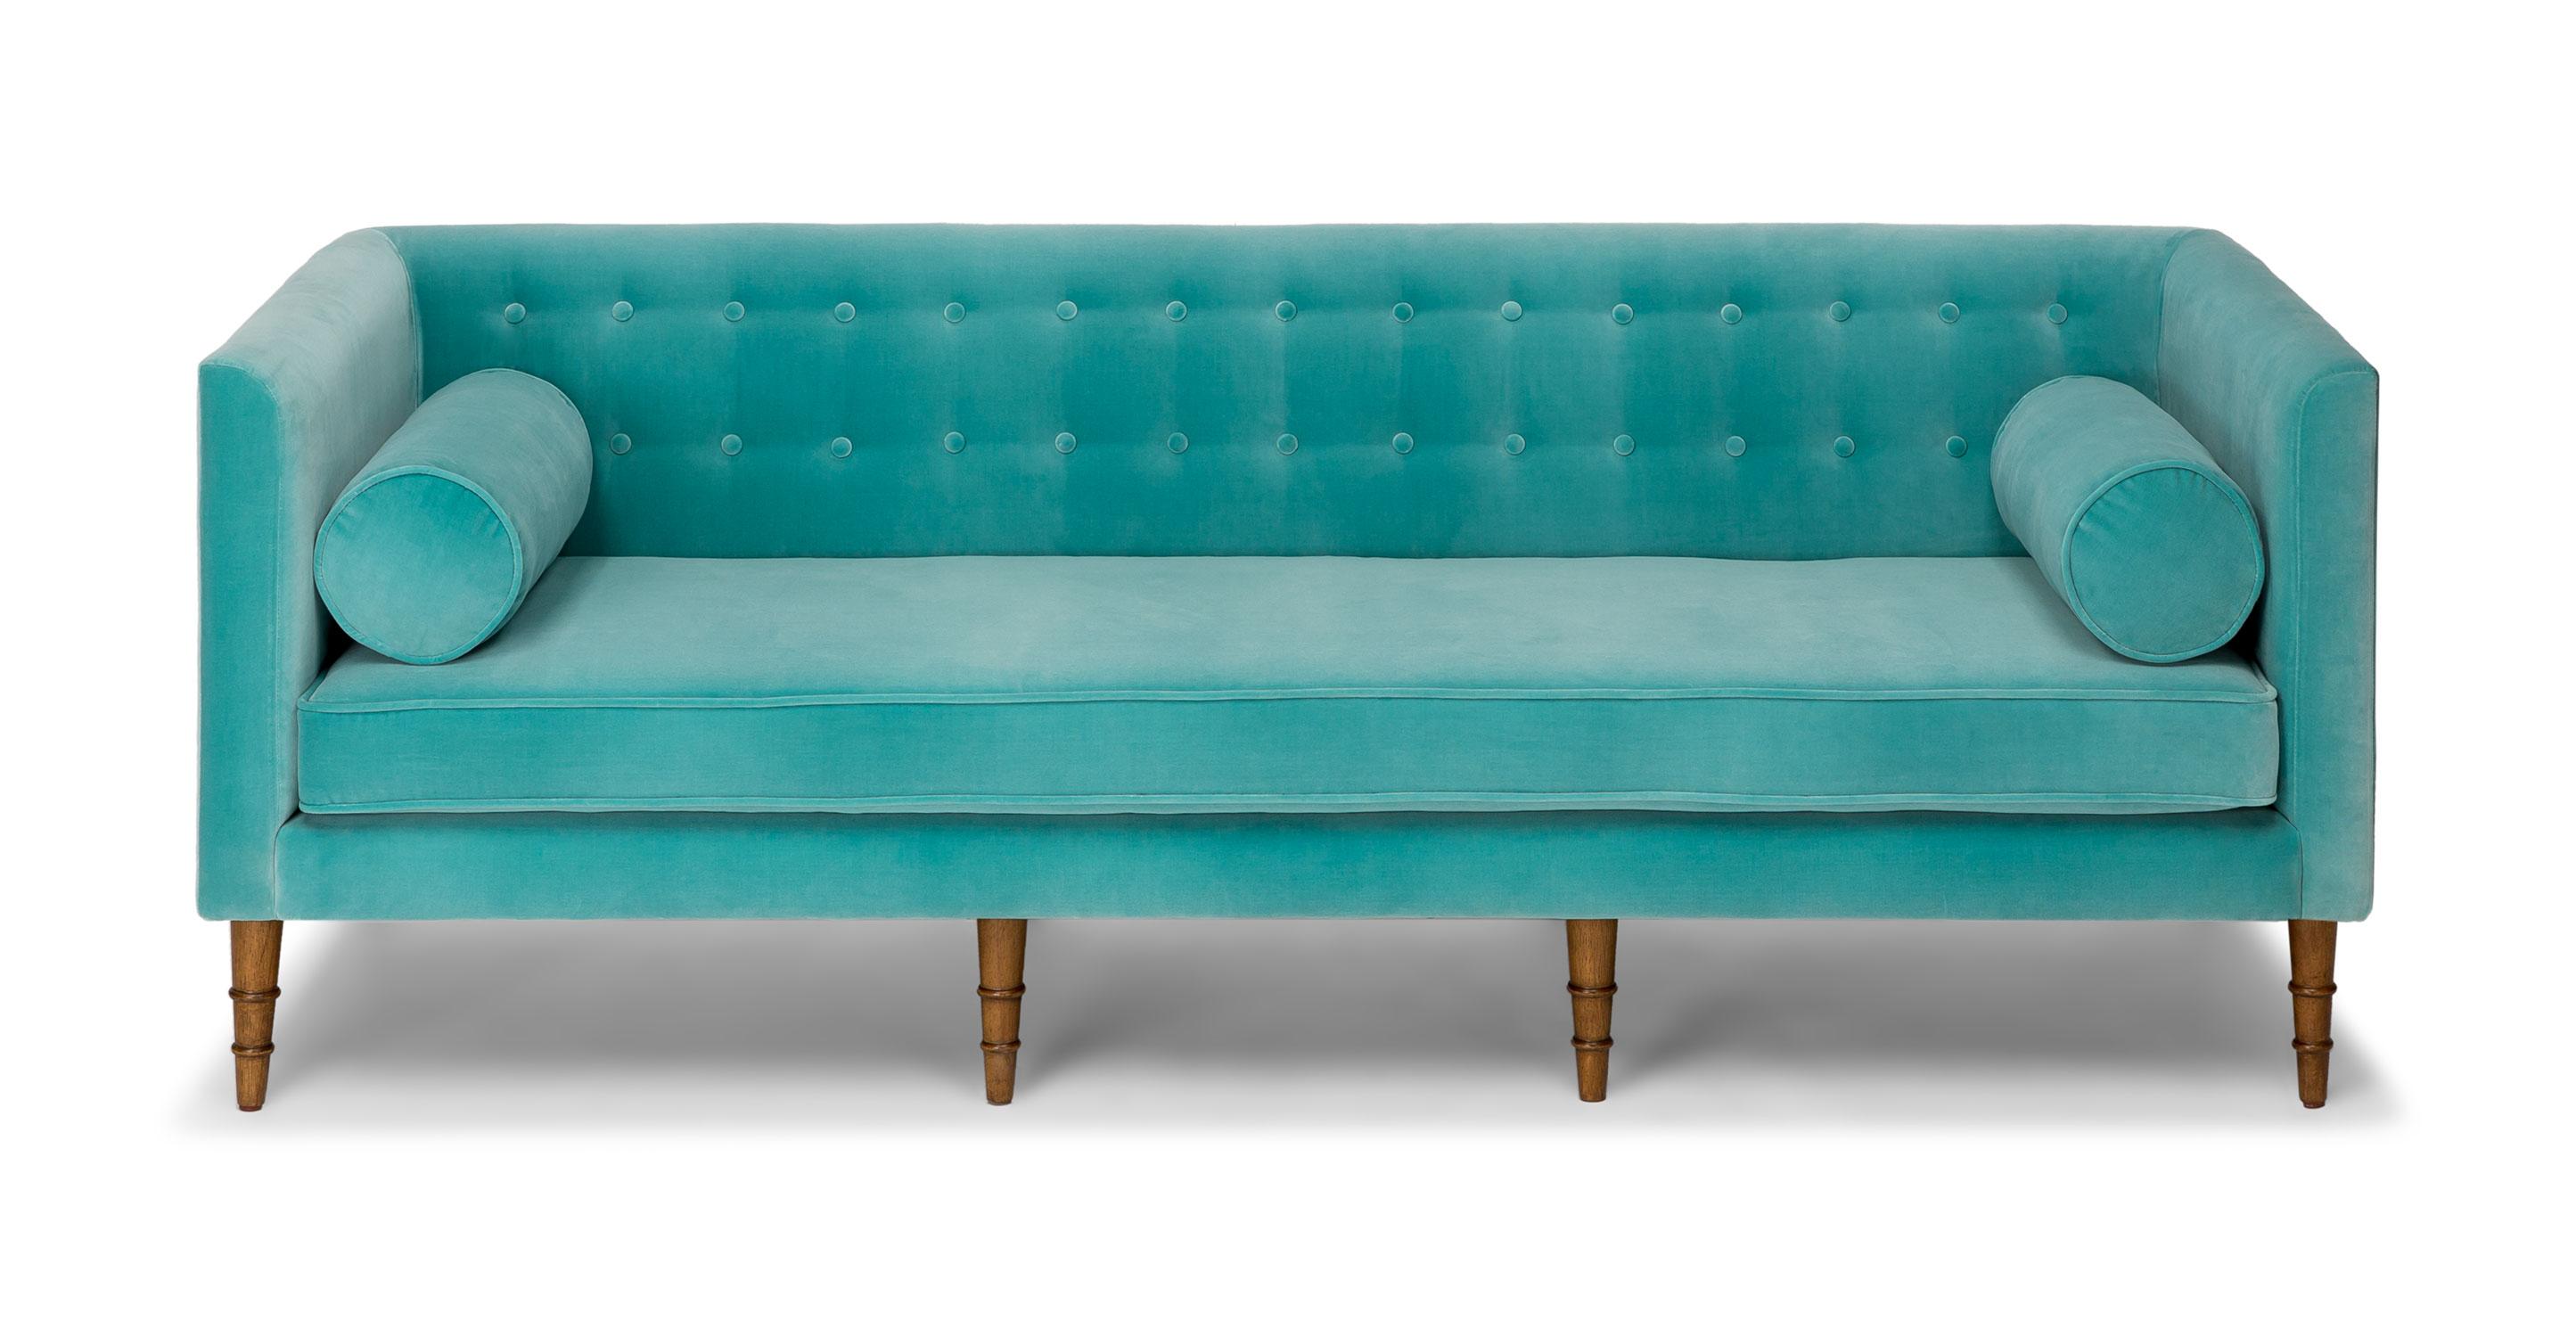 aqua sofa jonathan adler uk celosia oahu article